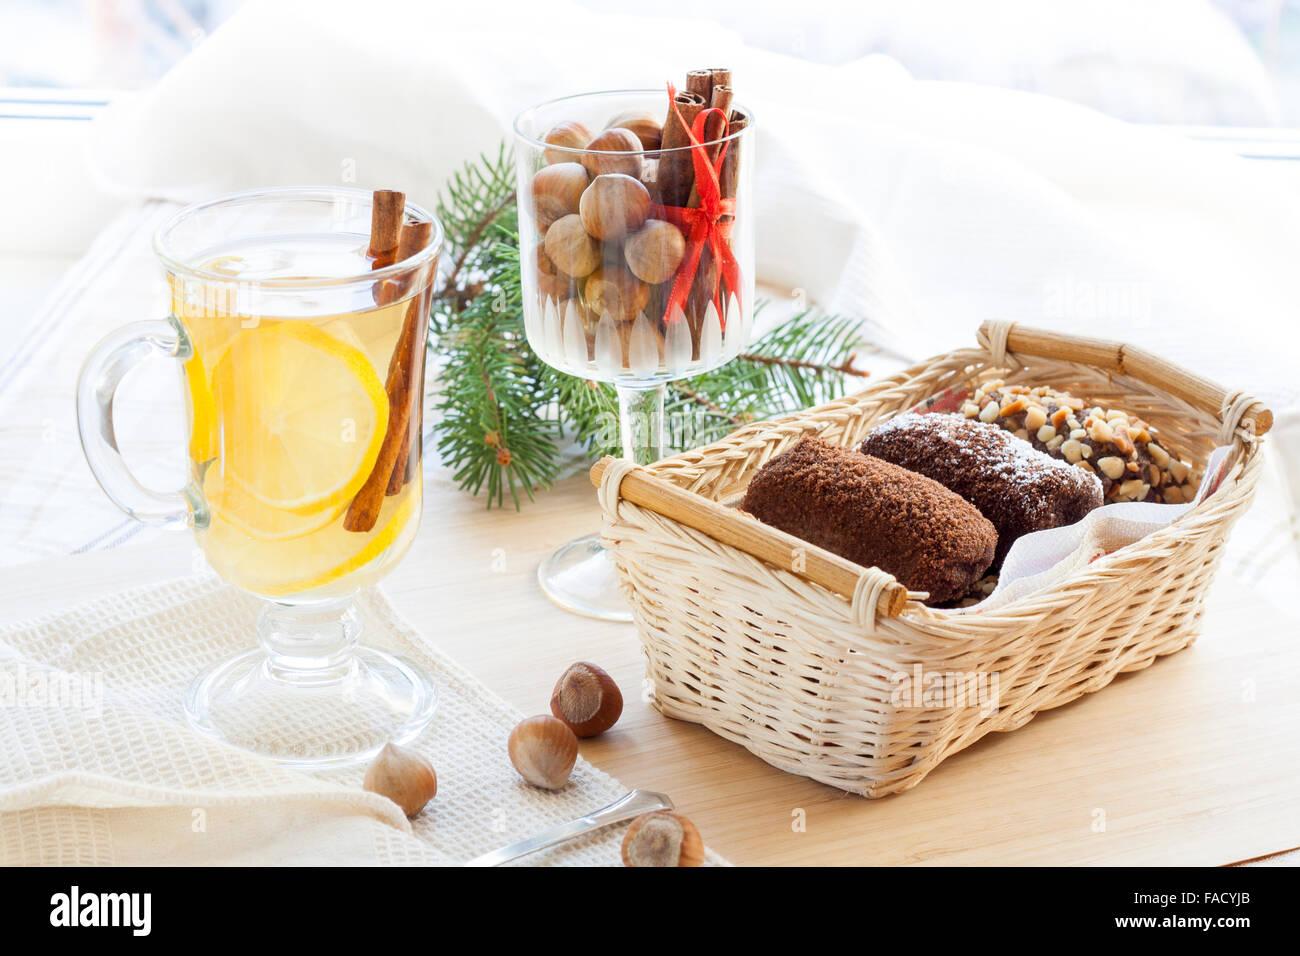 Douce chaude thé vert dans la coupe du verre avec le citron et la cannelle, les gâteaux au chocolat dans le panier Banque D'Images